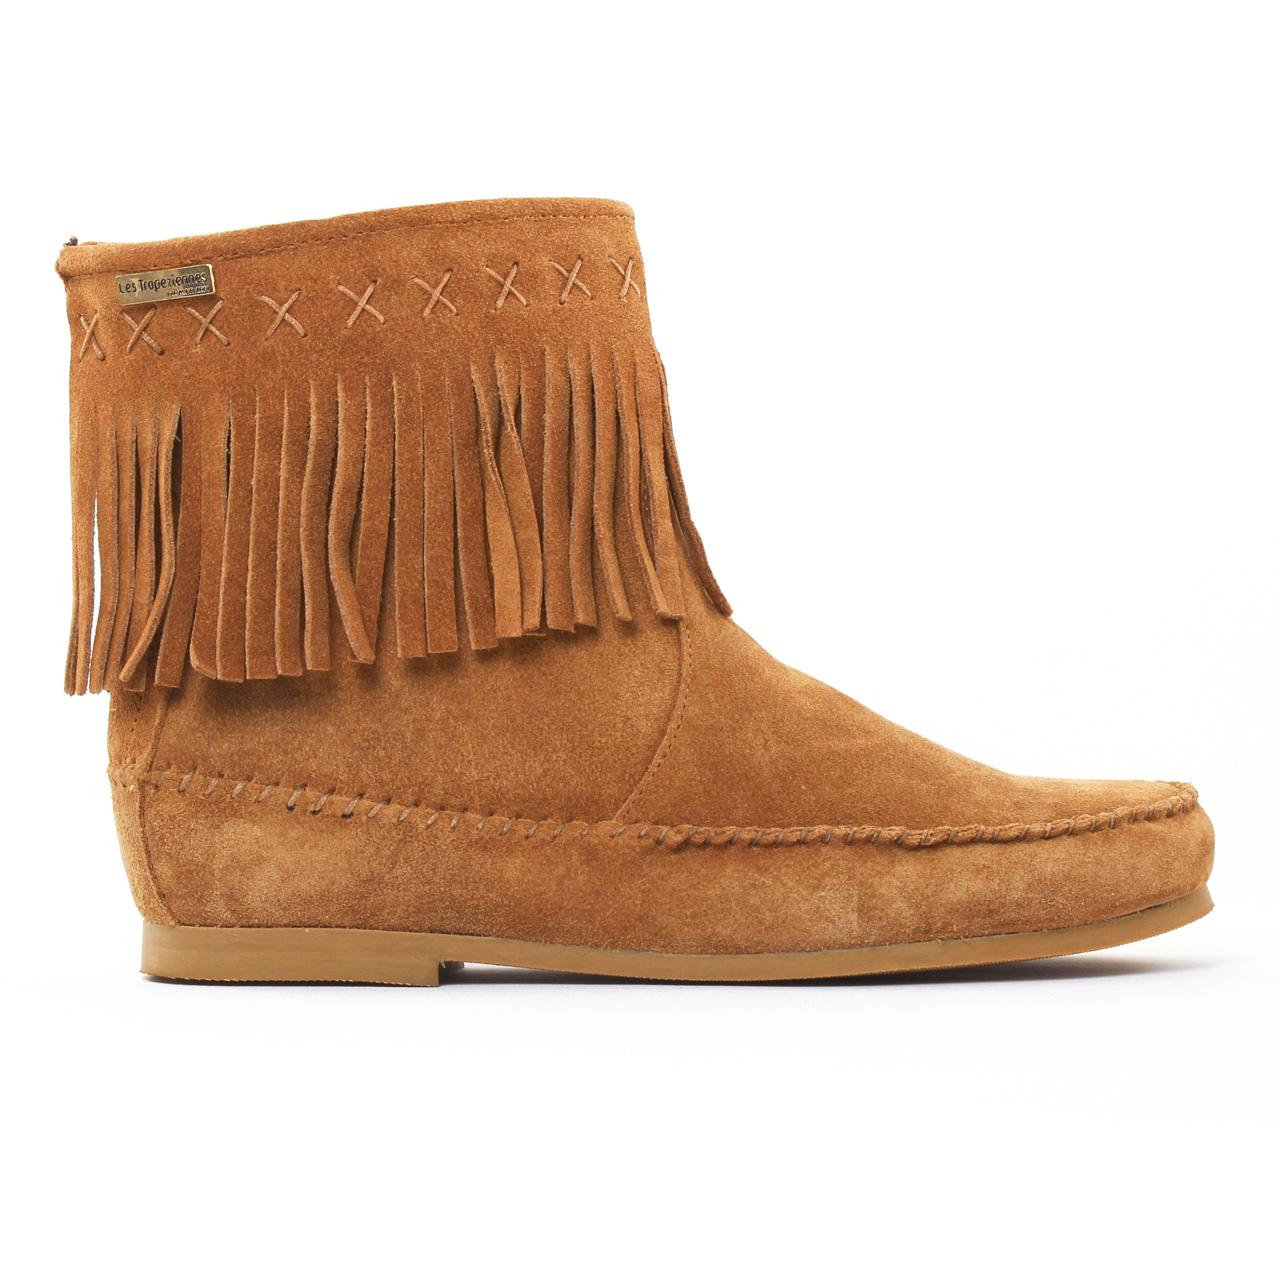 87aac60355ee5c Les Tropeziennes Crabe Camel | boots marron automne hiver chez TROIS ...